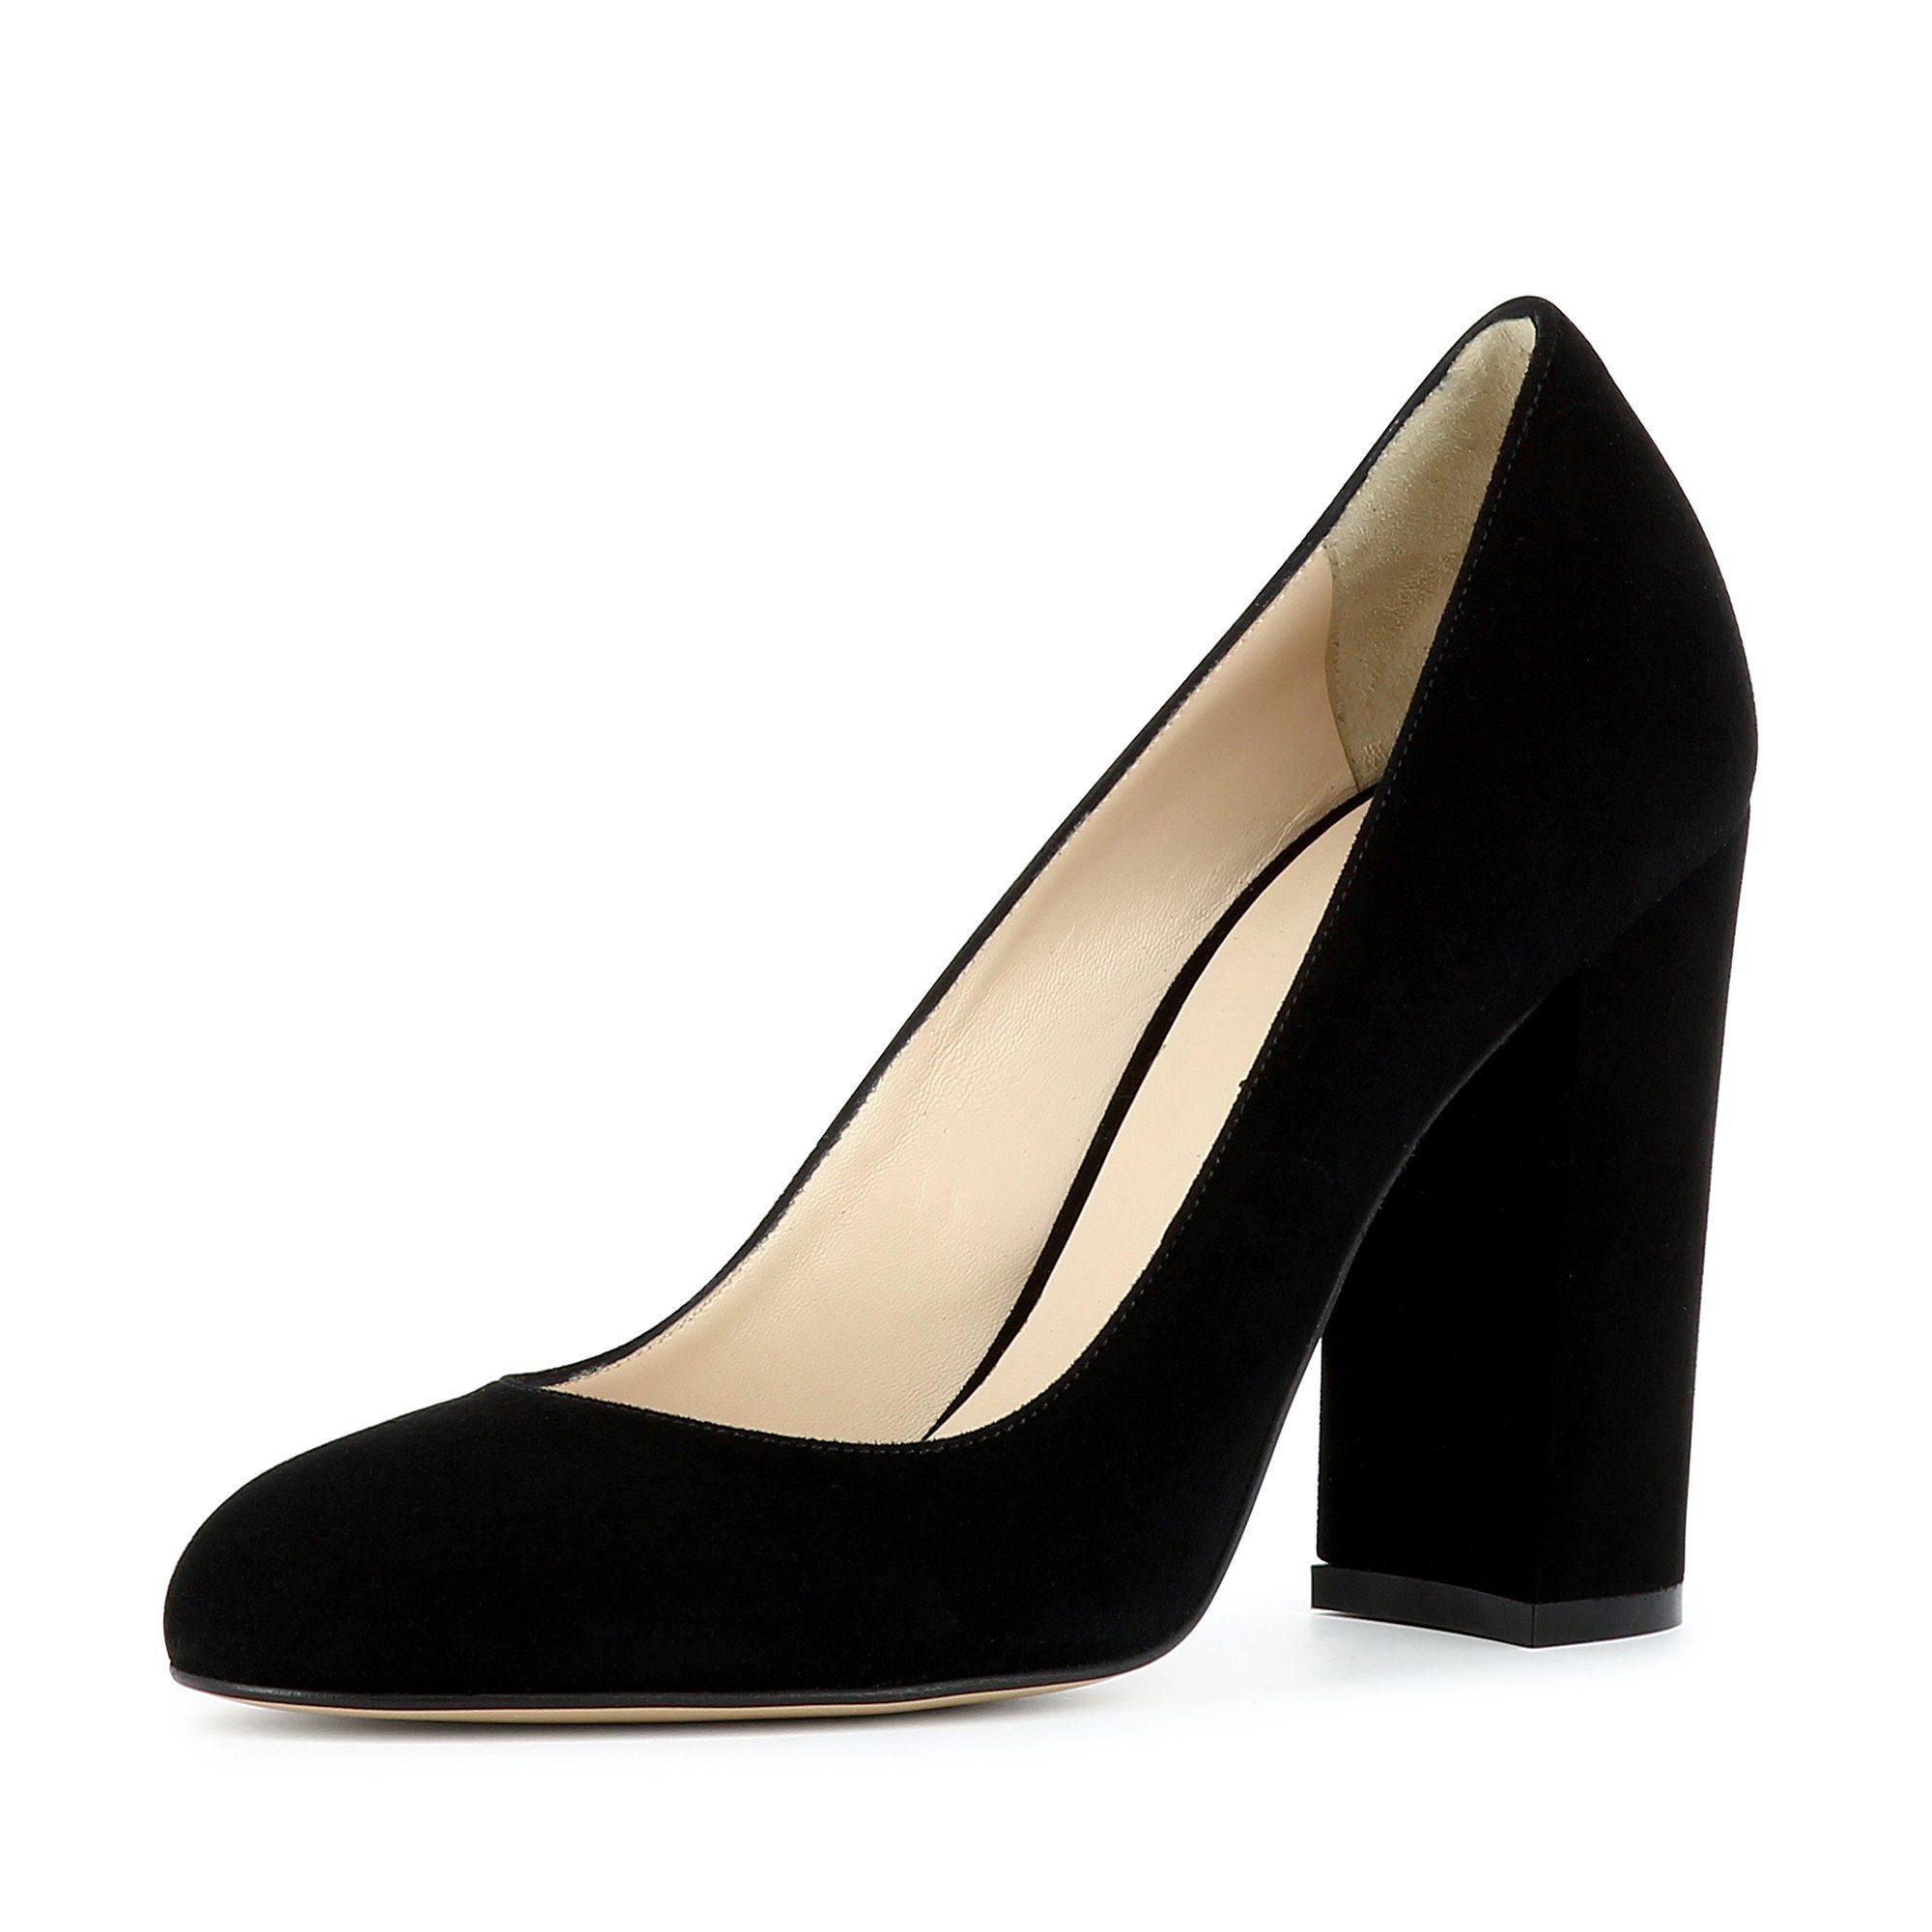 Evita »ILENEA« Pumps, schwarz, schwarz